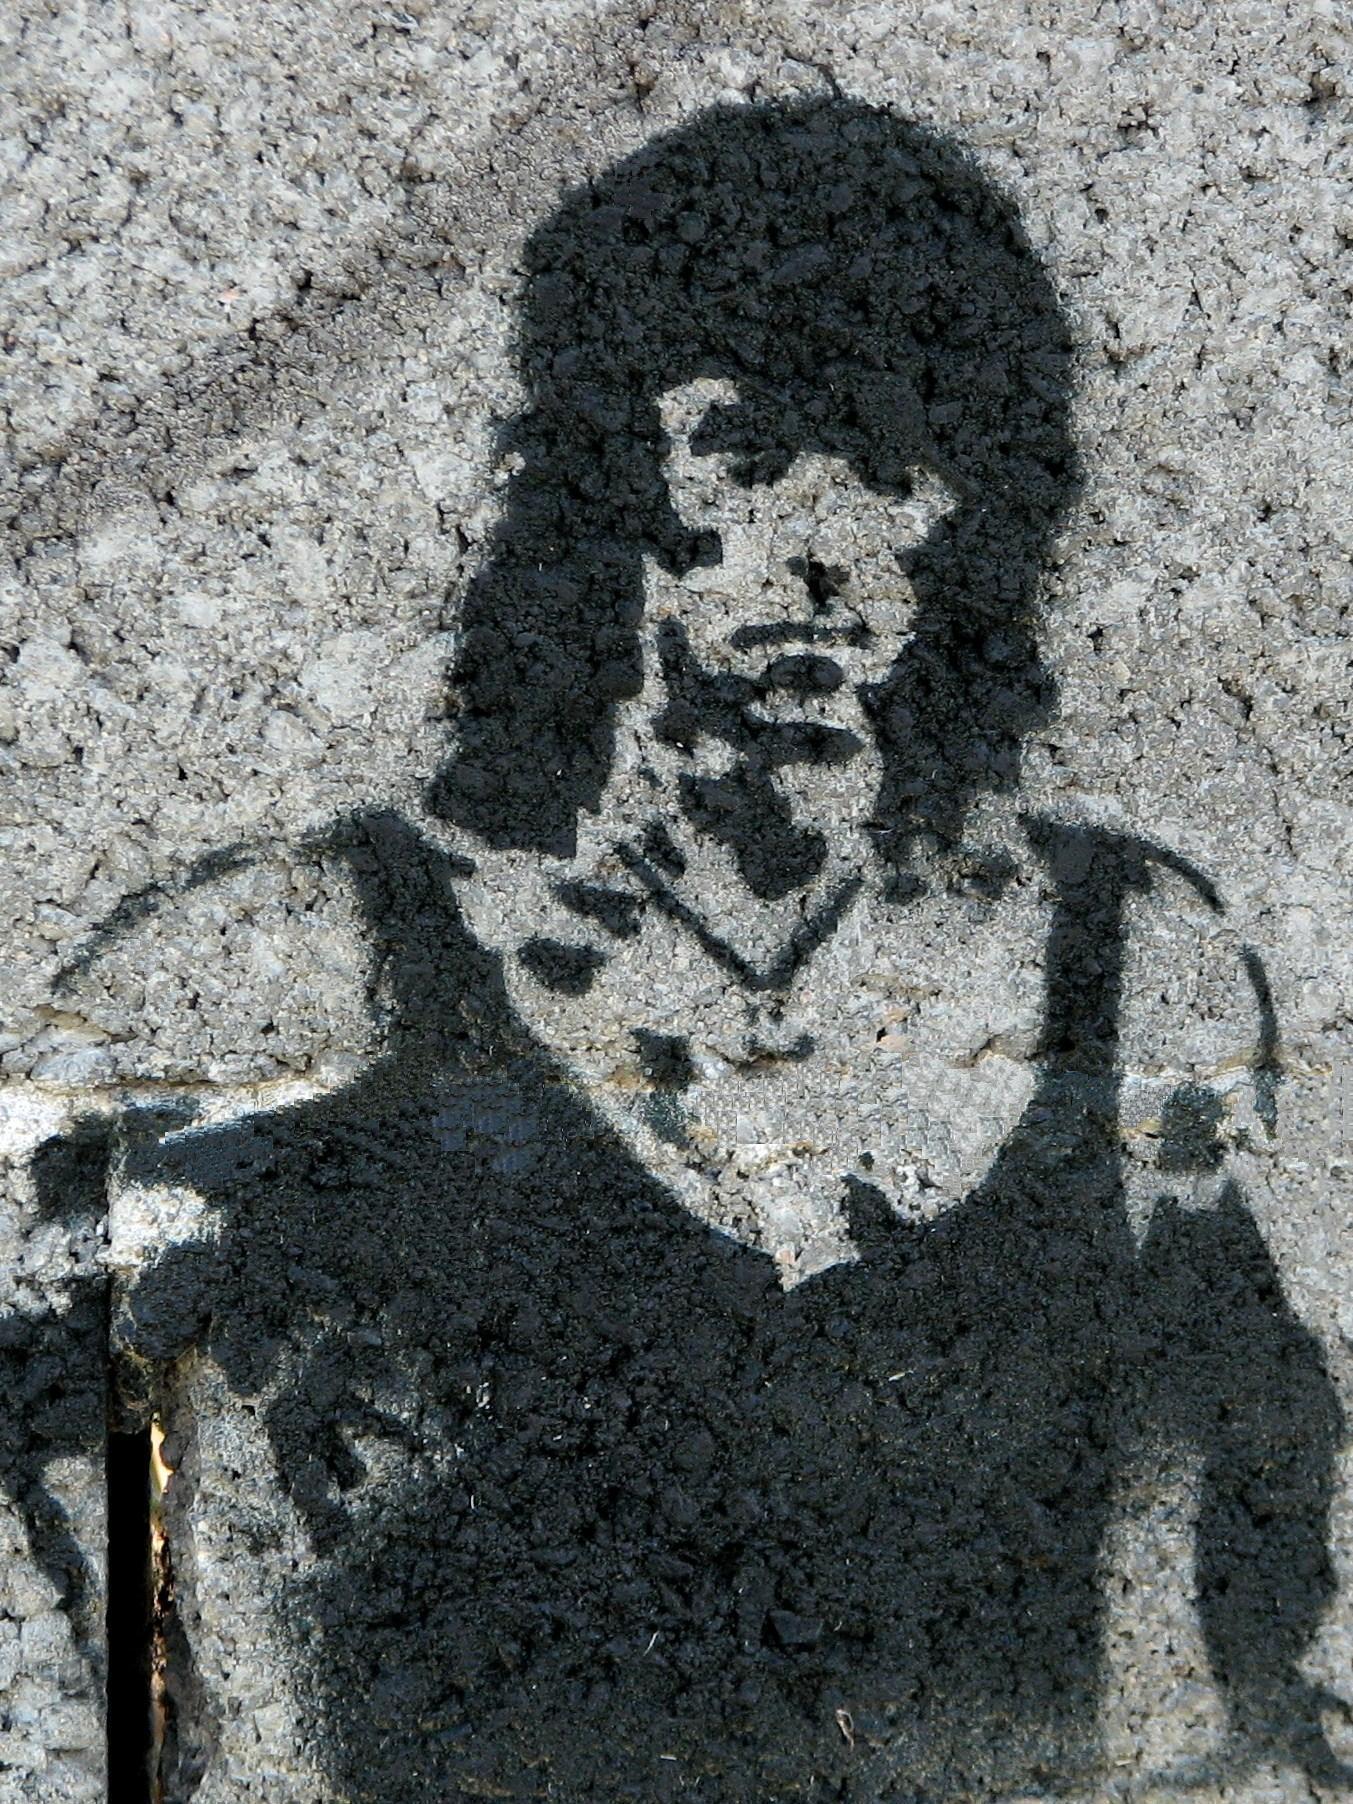 Gewarnt wurde auch von den Rambos auf der Straße (Bild: Wikipedia)